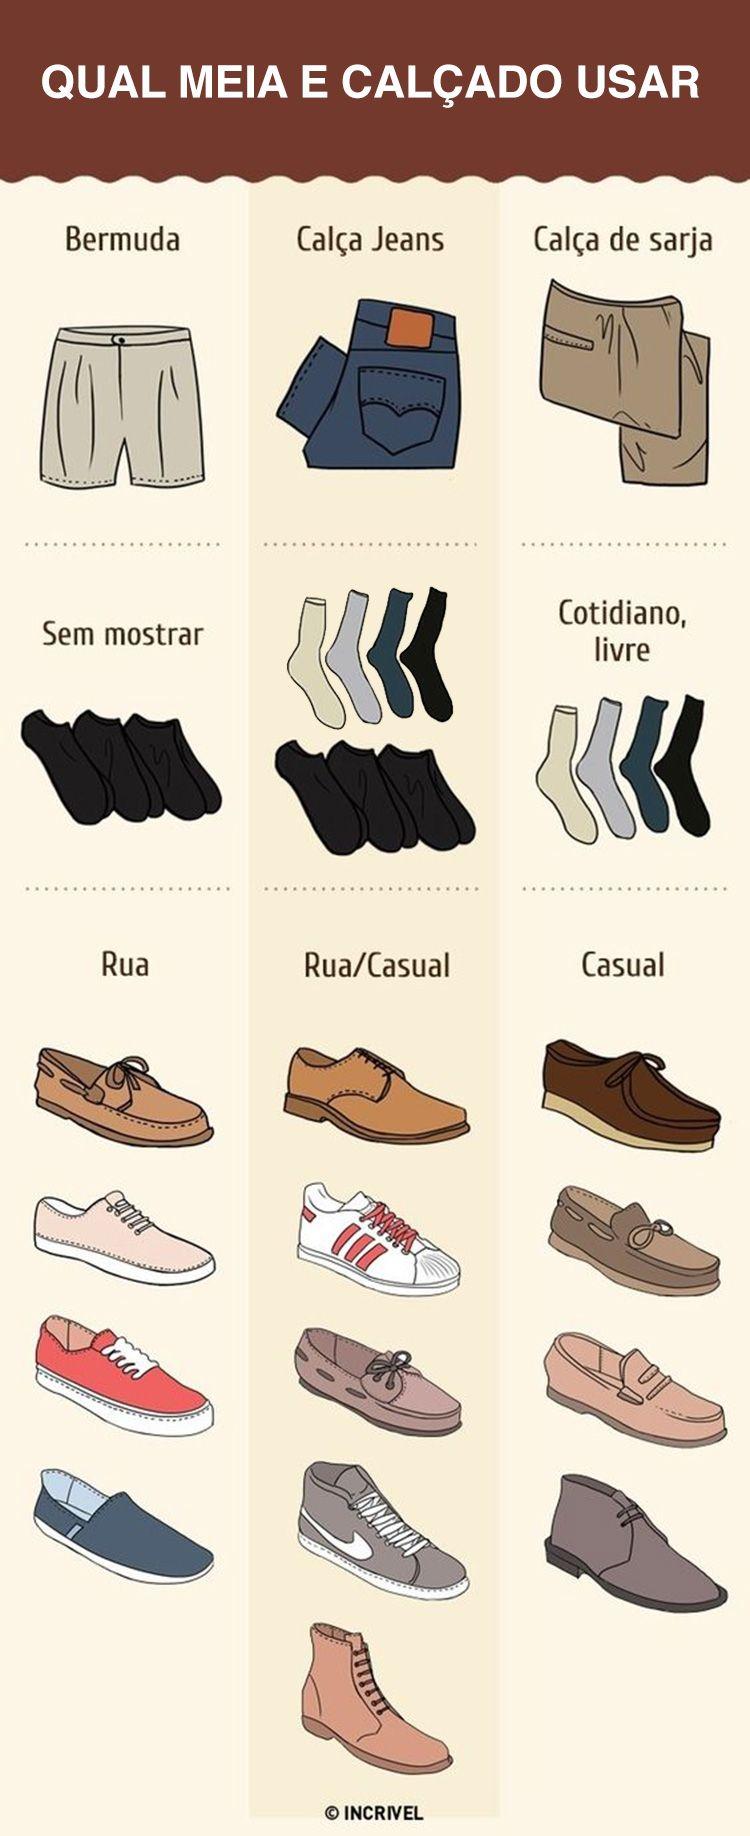 27f423fc3 Bateu a dúvida de qual tipo de meia ou calçado usar quando for combinar com  bermuda, calça jeans ou calça de sarja? Confira esse guia!